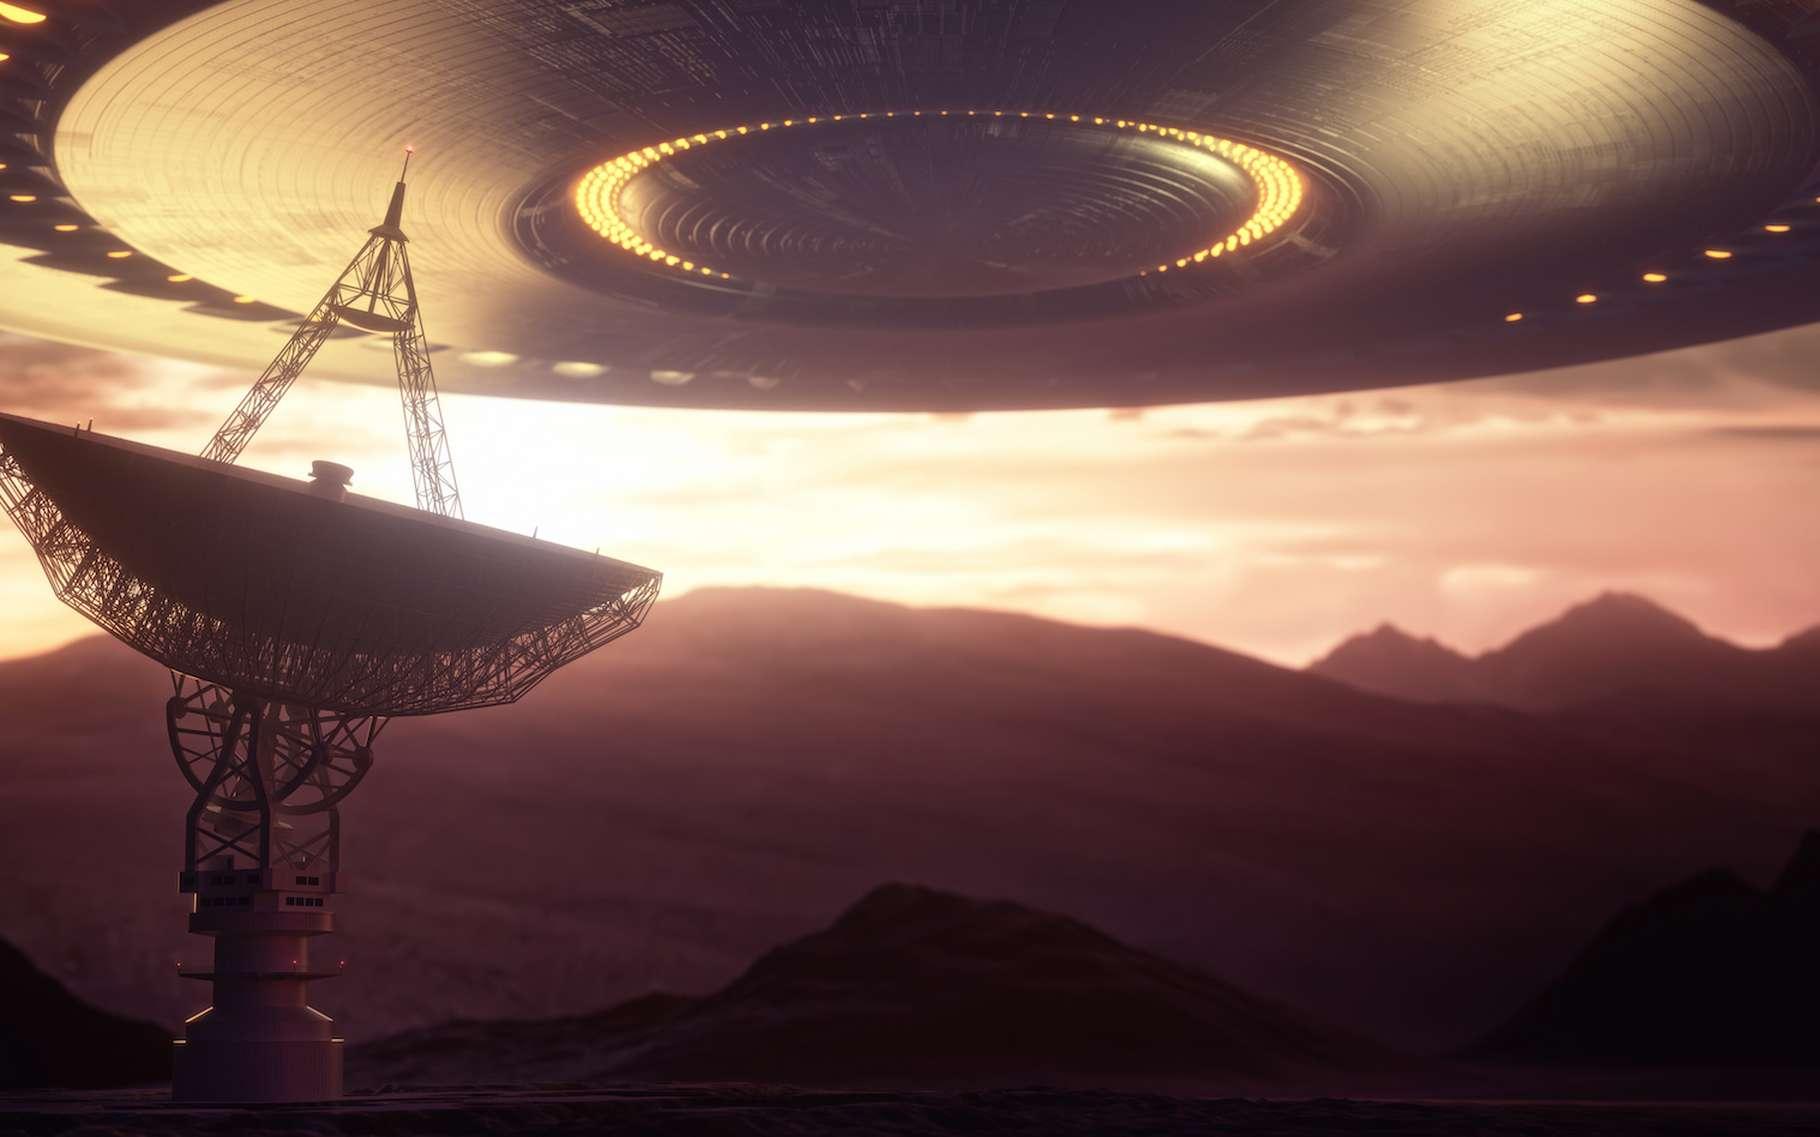 Un astronome amateur a trouvé, dans la région d'où est venu le signal « Wow ! », une étoile semblable au Soleil. Héberge-t-elle une exoplanète sur laquelle une forme de vie intelligente s'est développée ? © ktsdesign, Adobe Stock